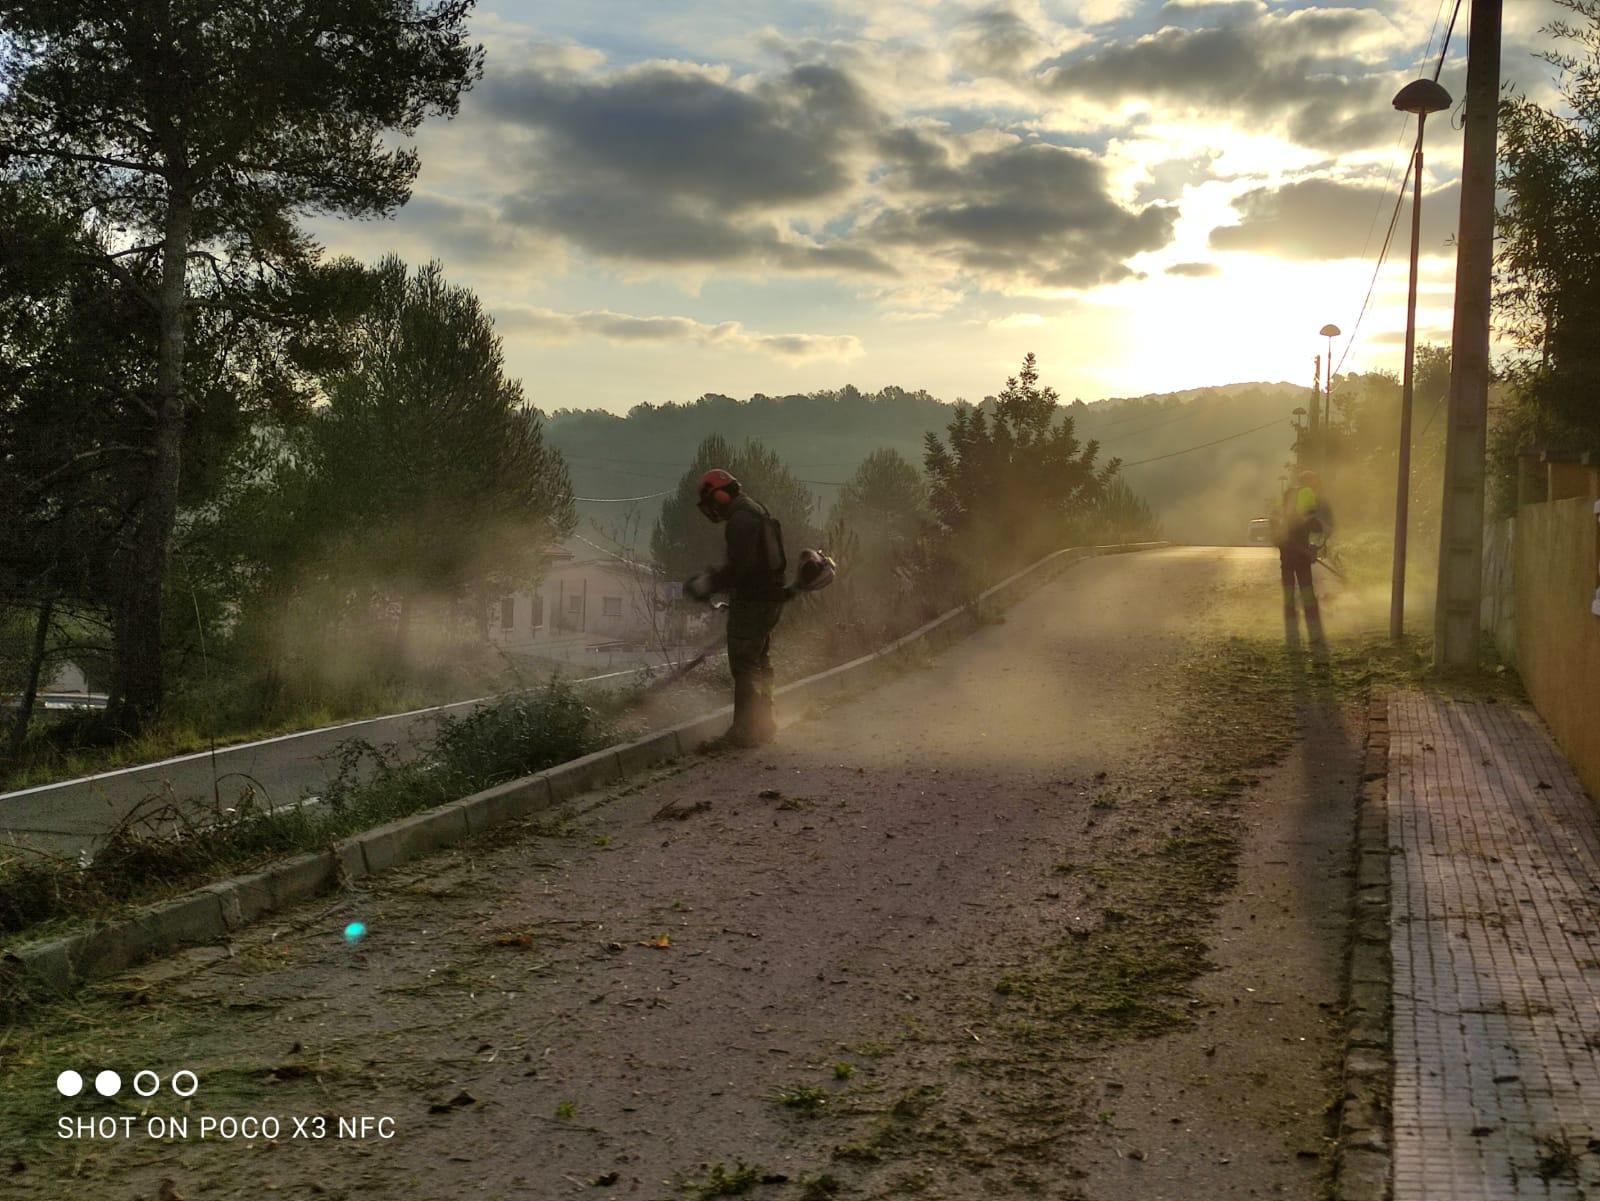 Es continuen realitzant treballs de desbrossament al municipi en el marc de l'estudi per avaluar les necessitats de desbrossament i neteja a tot el municipi